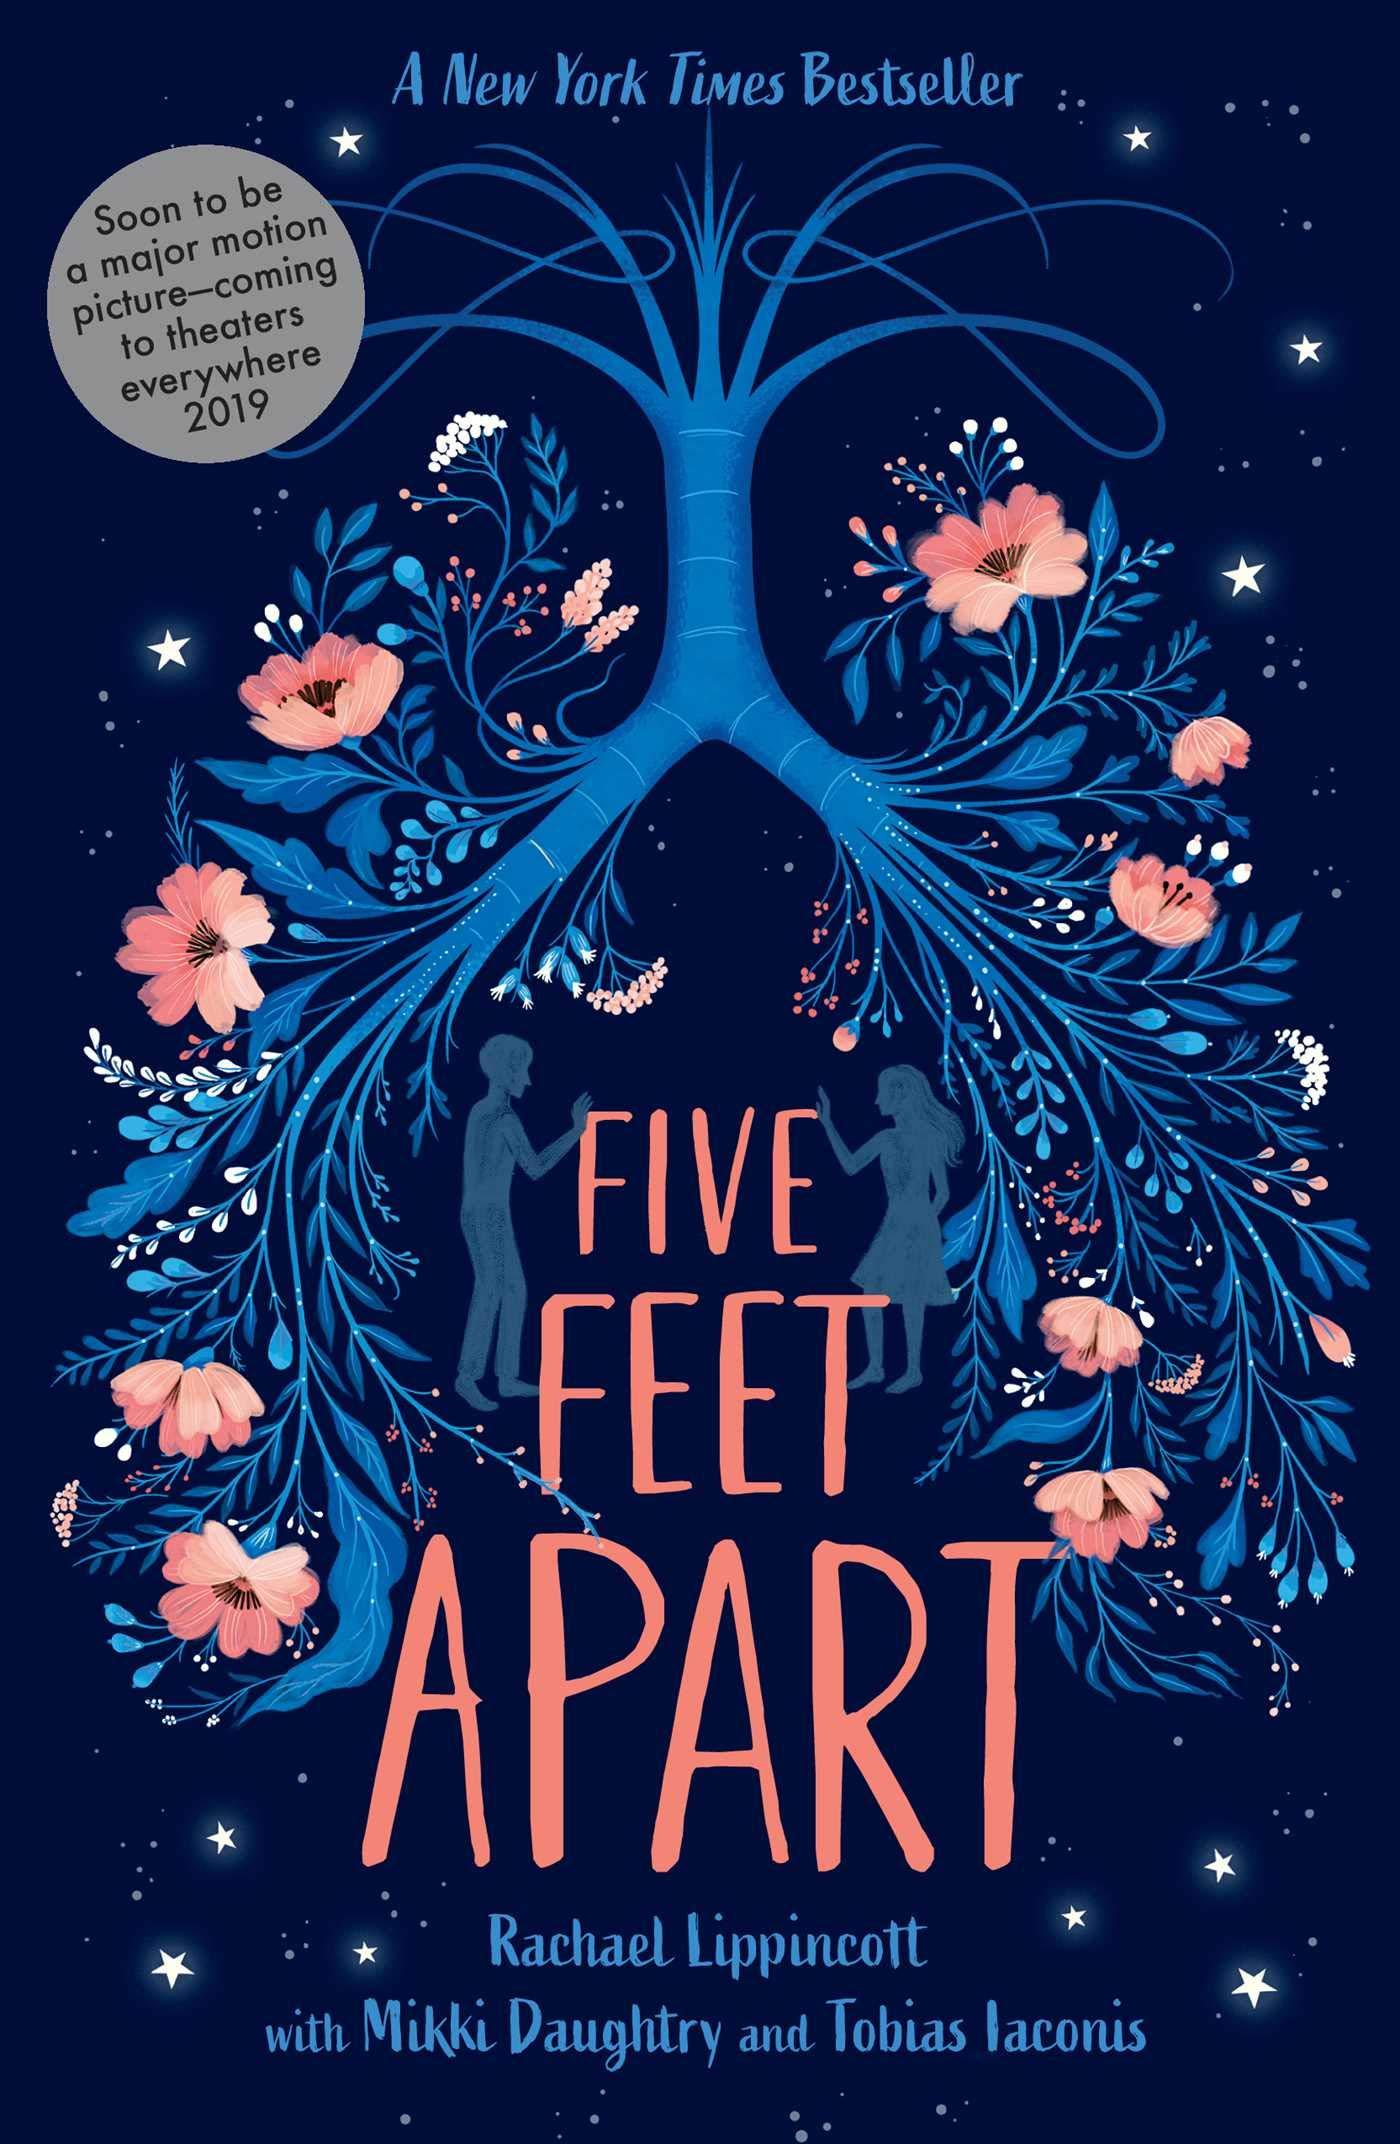 Amazon Fr Five Feet Apart Rachael Lippincott Mikki Daughtry